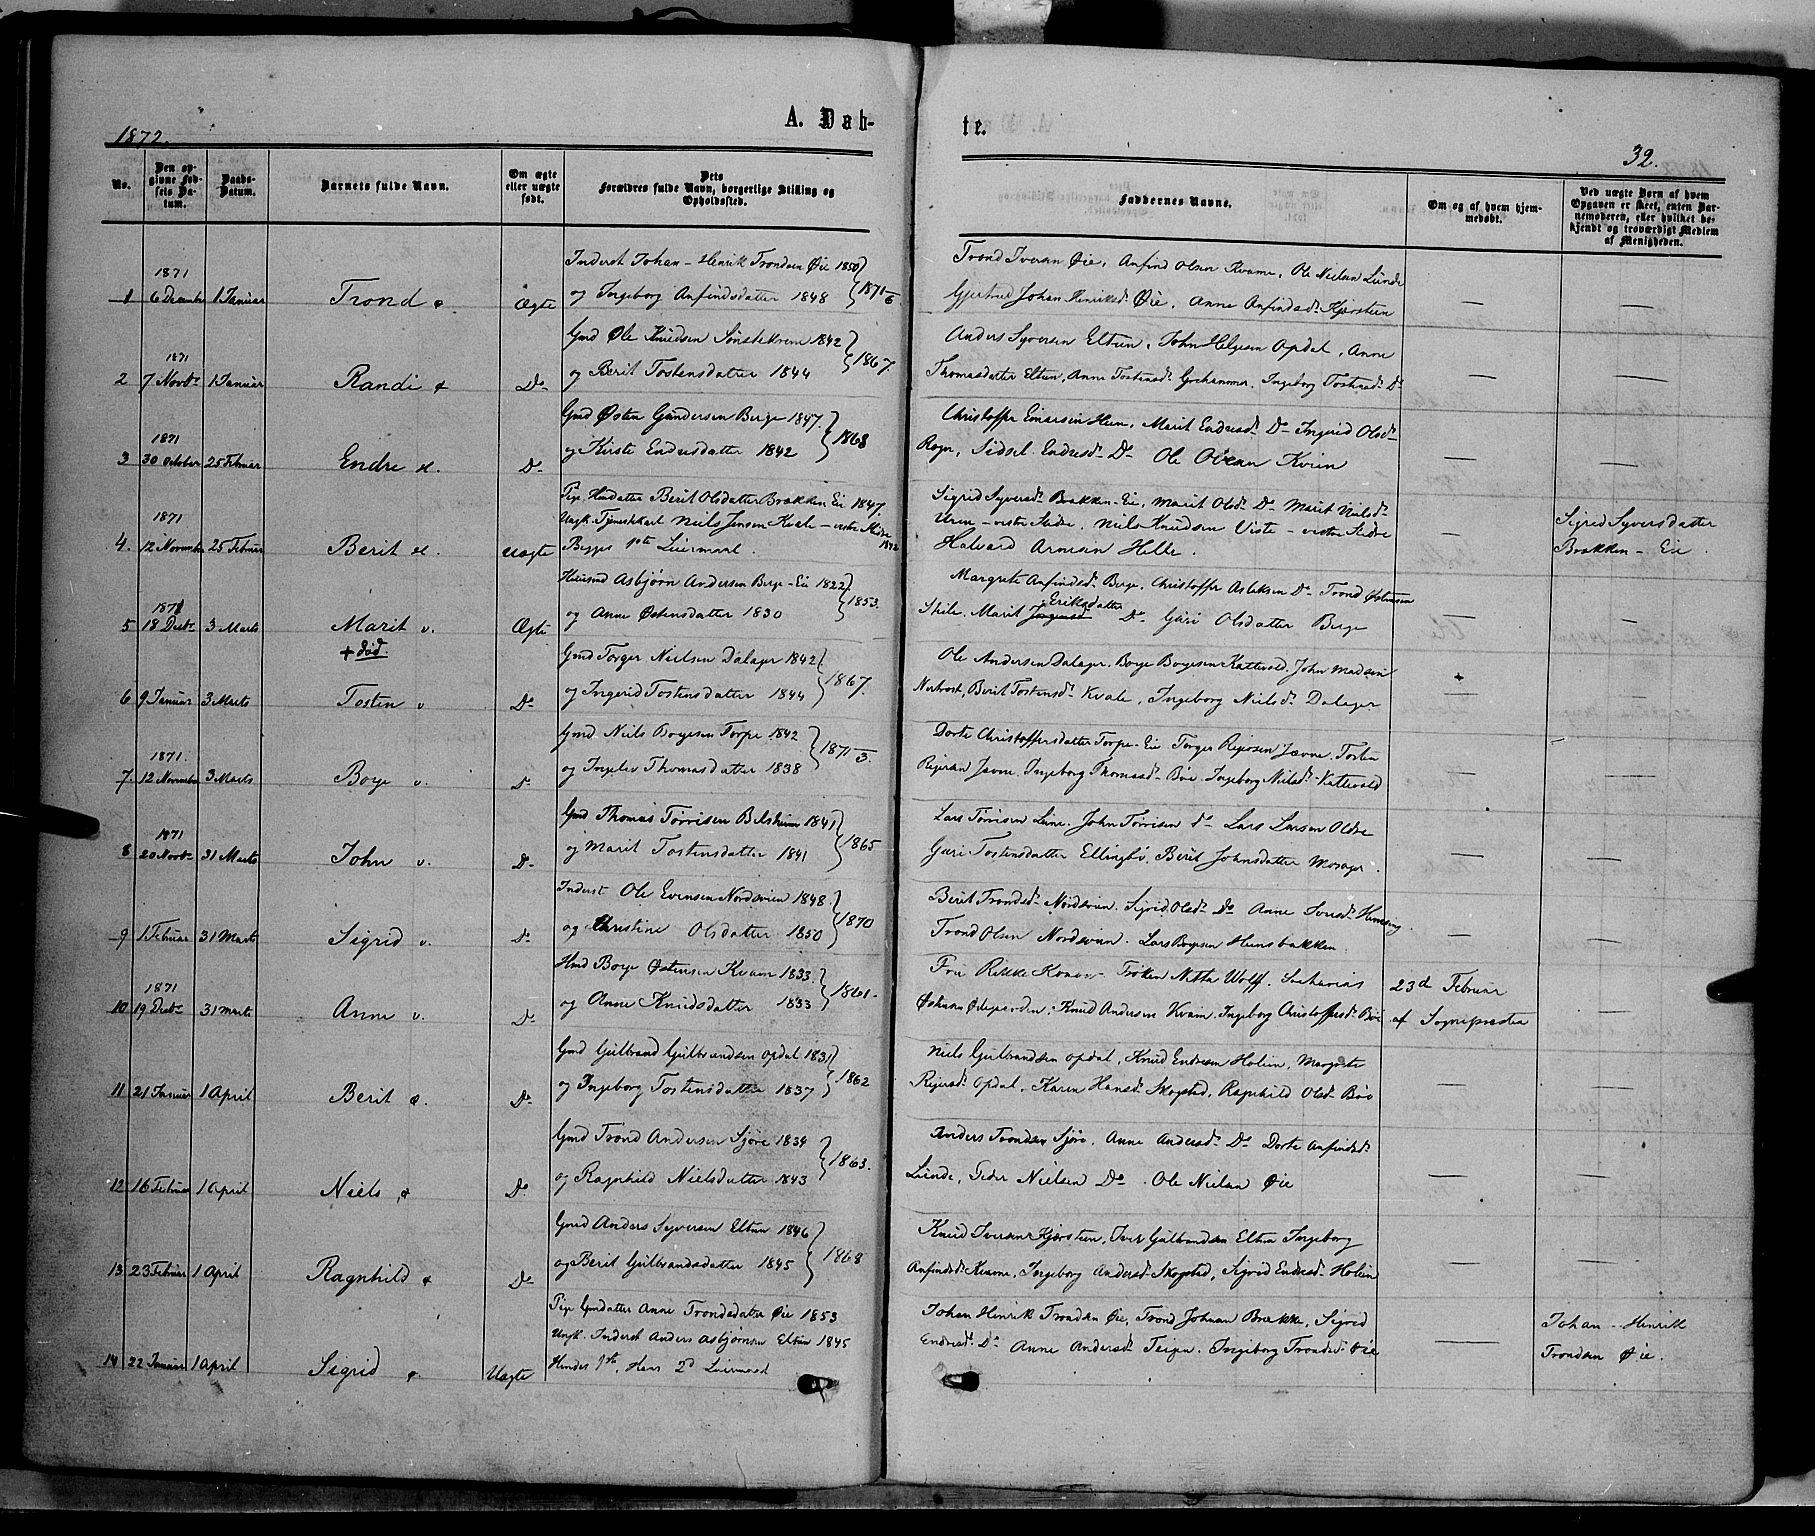 SAH, Vang prestekontor, Valdres, Ministerialbok nr. 7, 1865-1881, s. 32